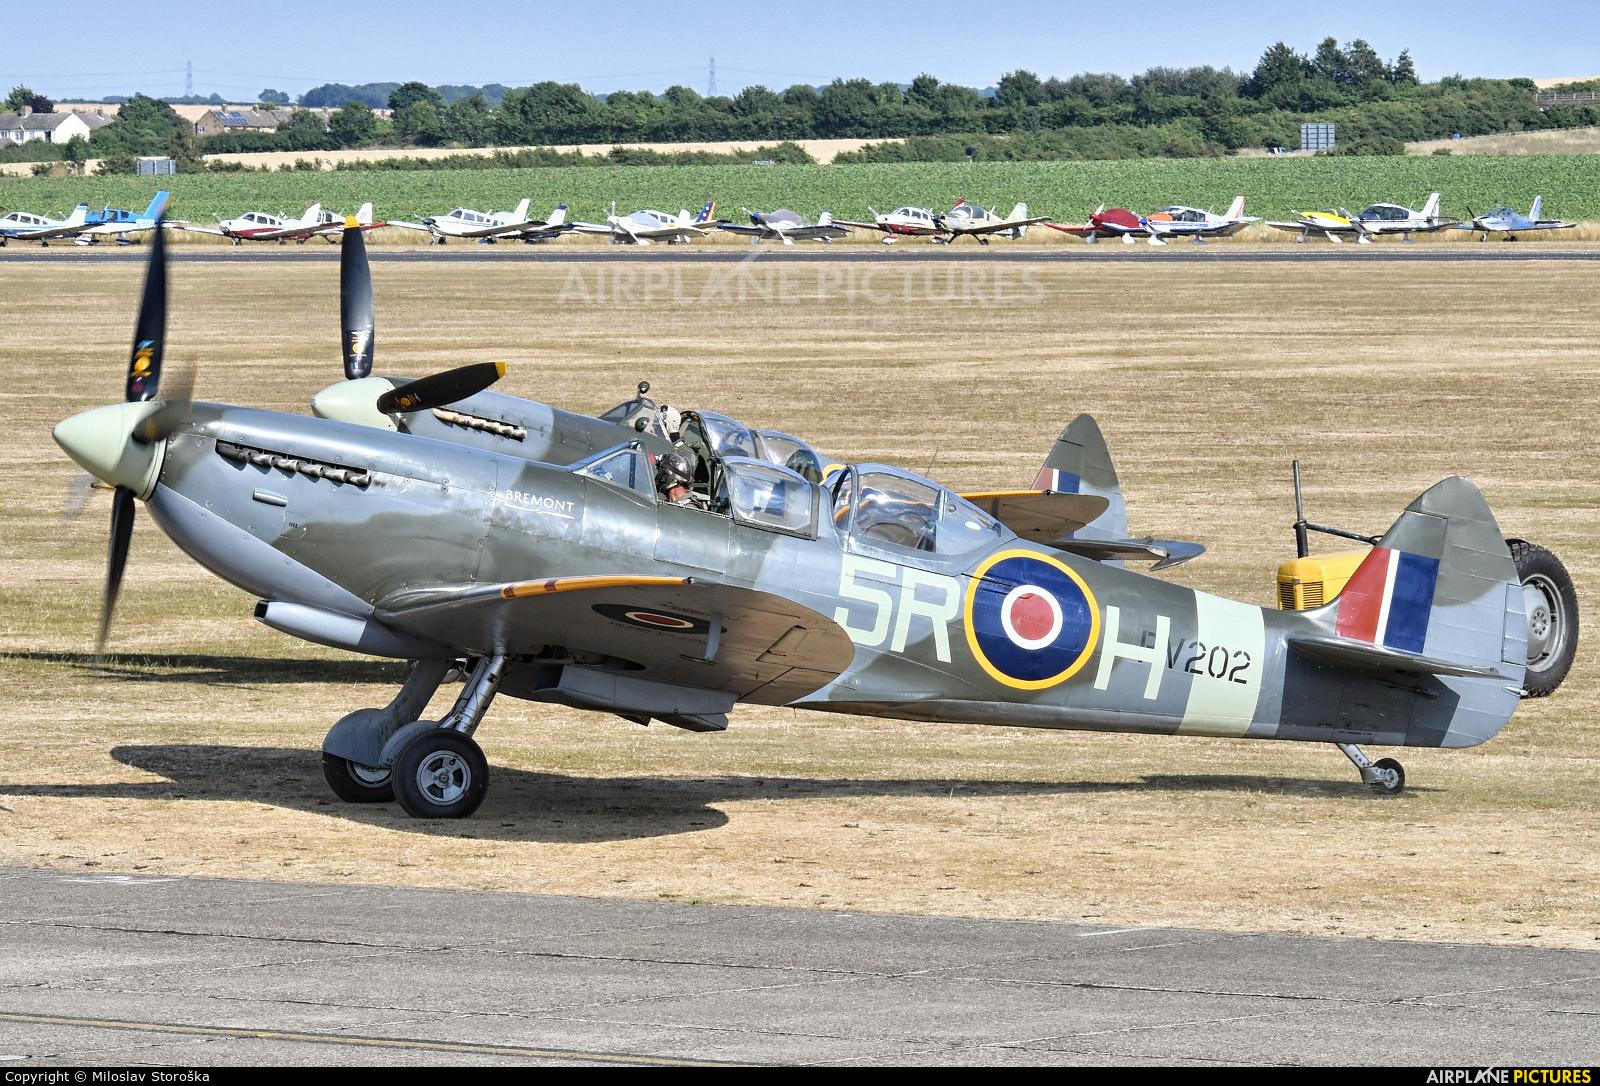 Boultbee Flight Academy G-CCCA aircraft at Duxford